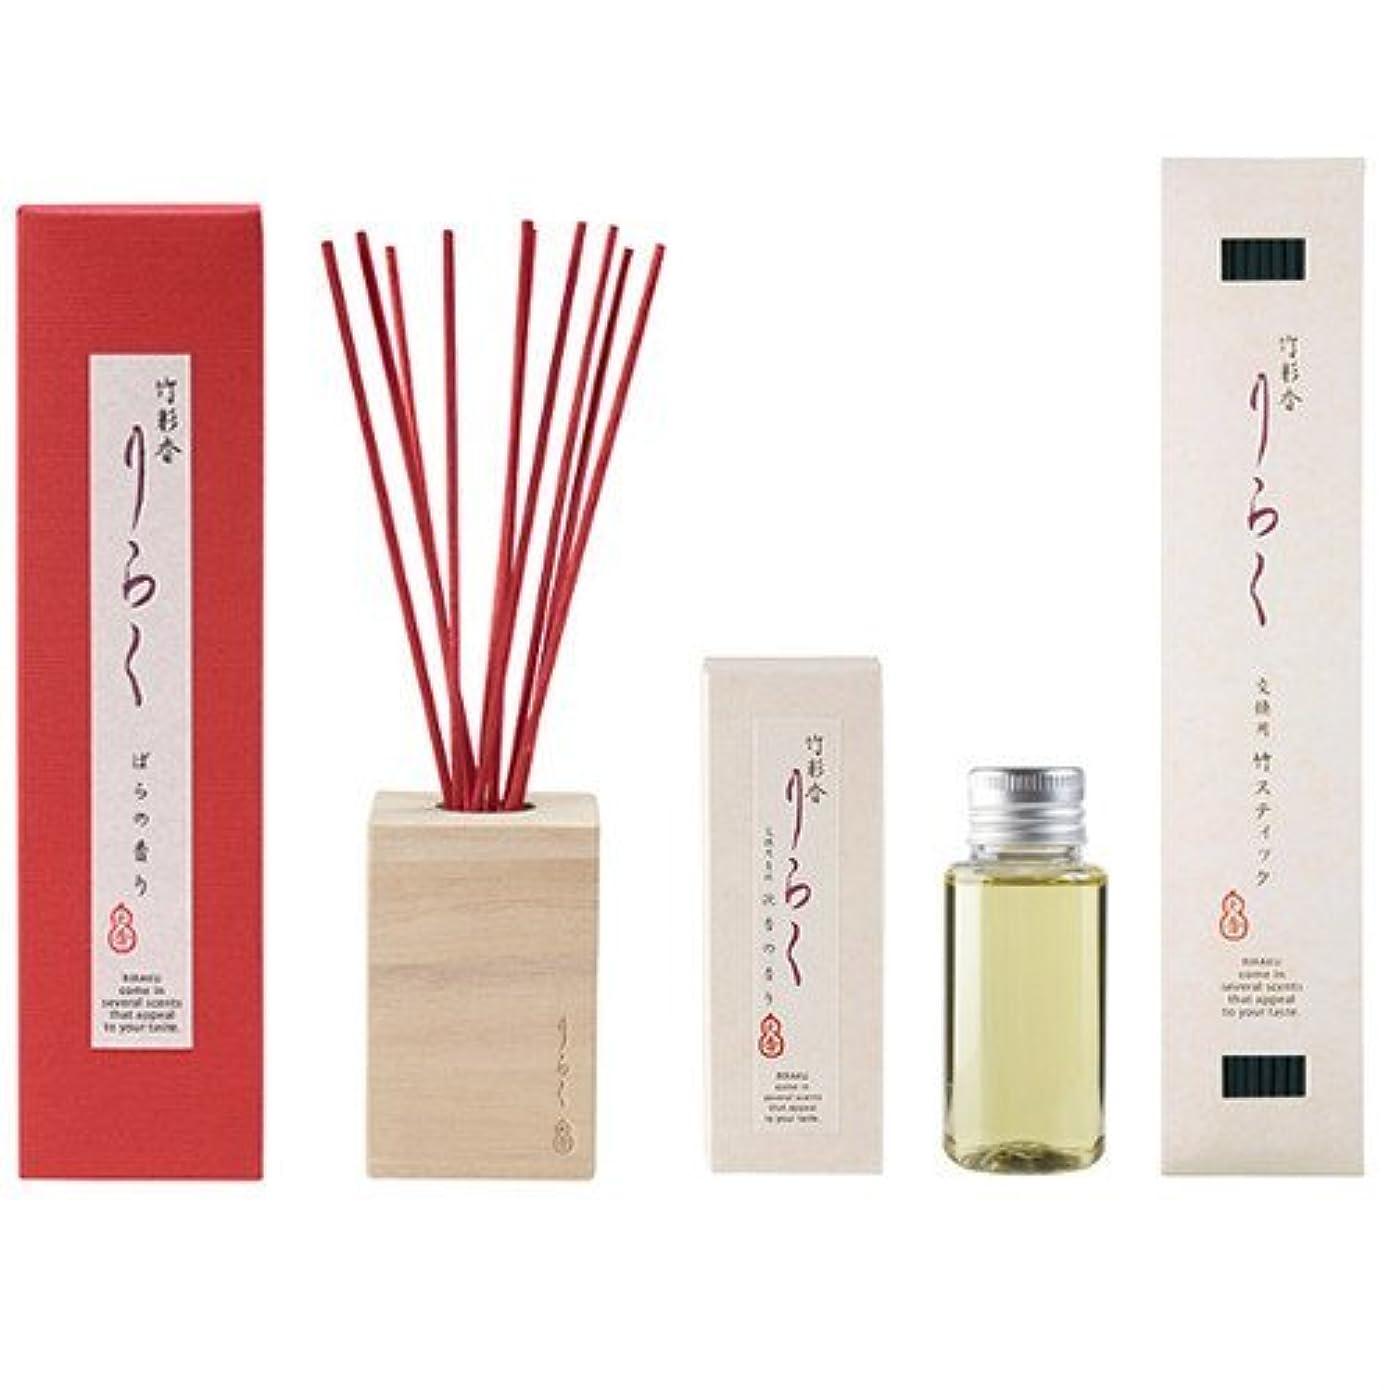 びっくりのためにベリ大香 竹彩香 りらく ばら 50ml と 交換用 ばら、交換用竹スティック ばらの色 セット